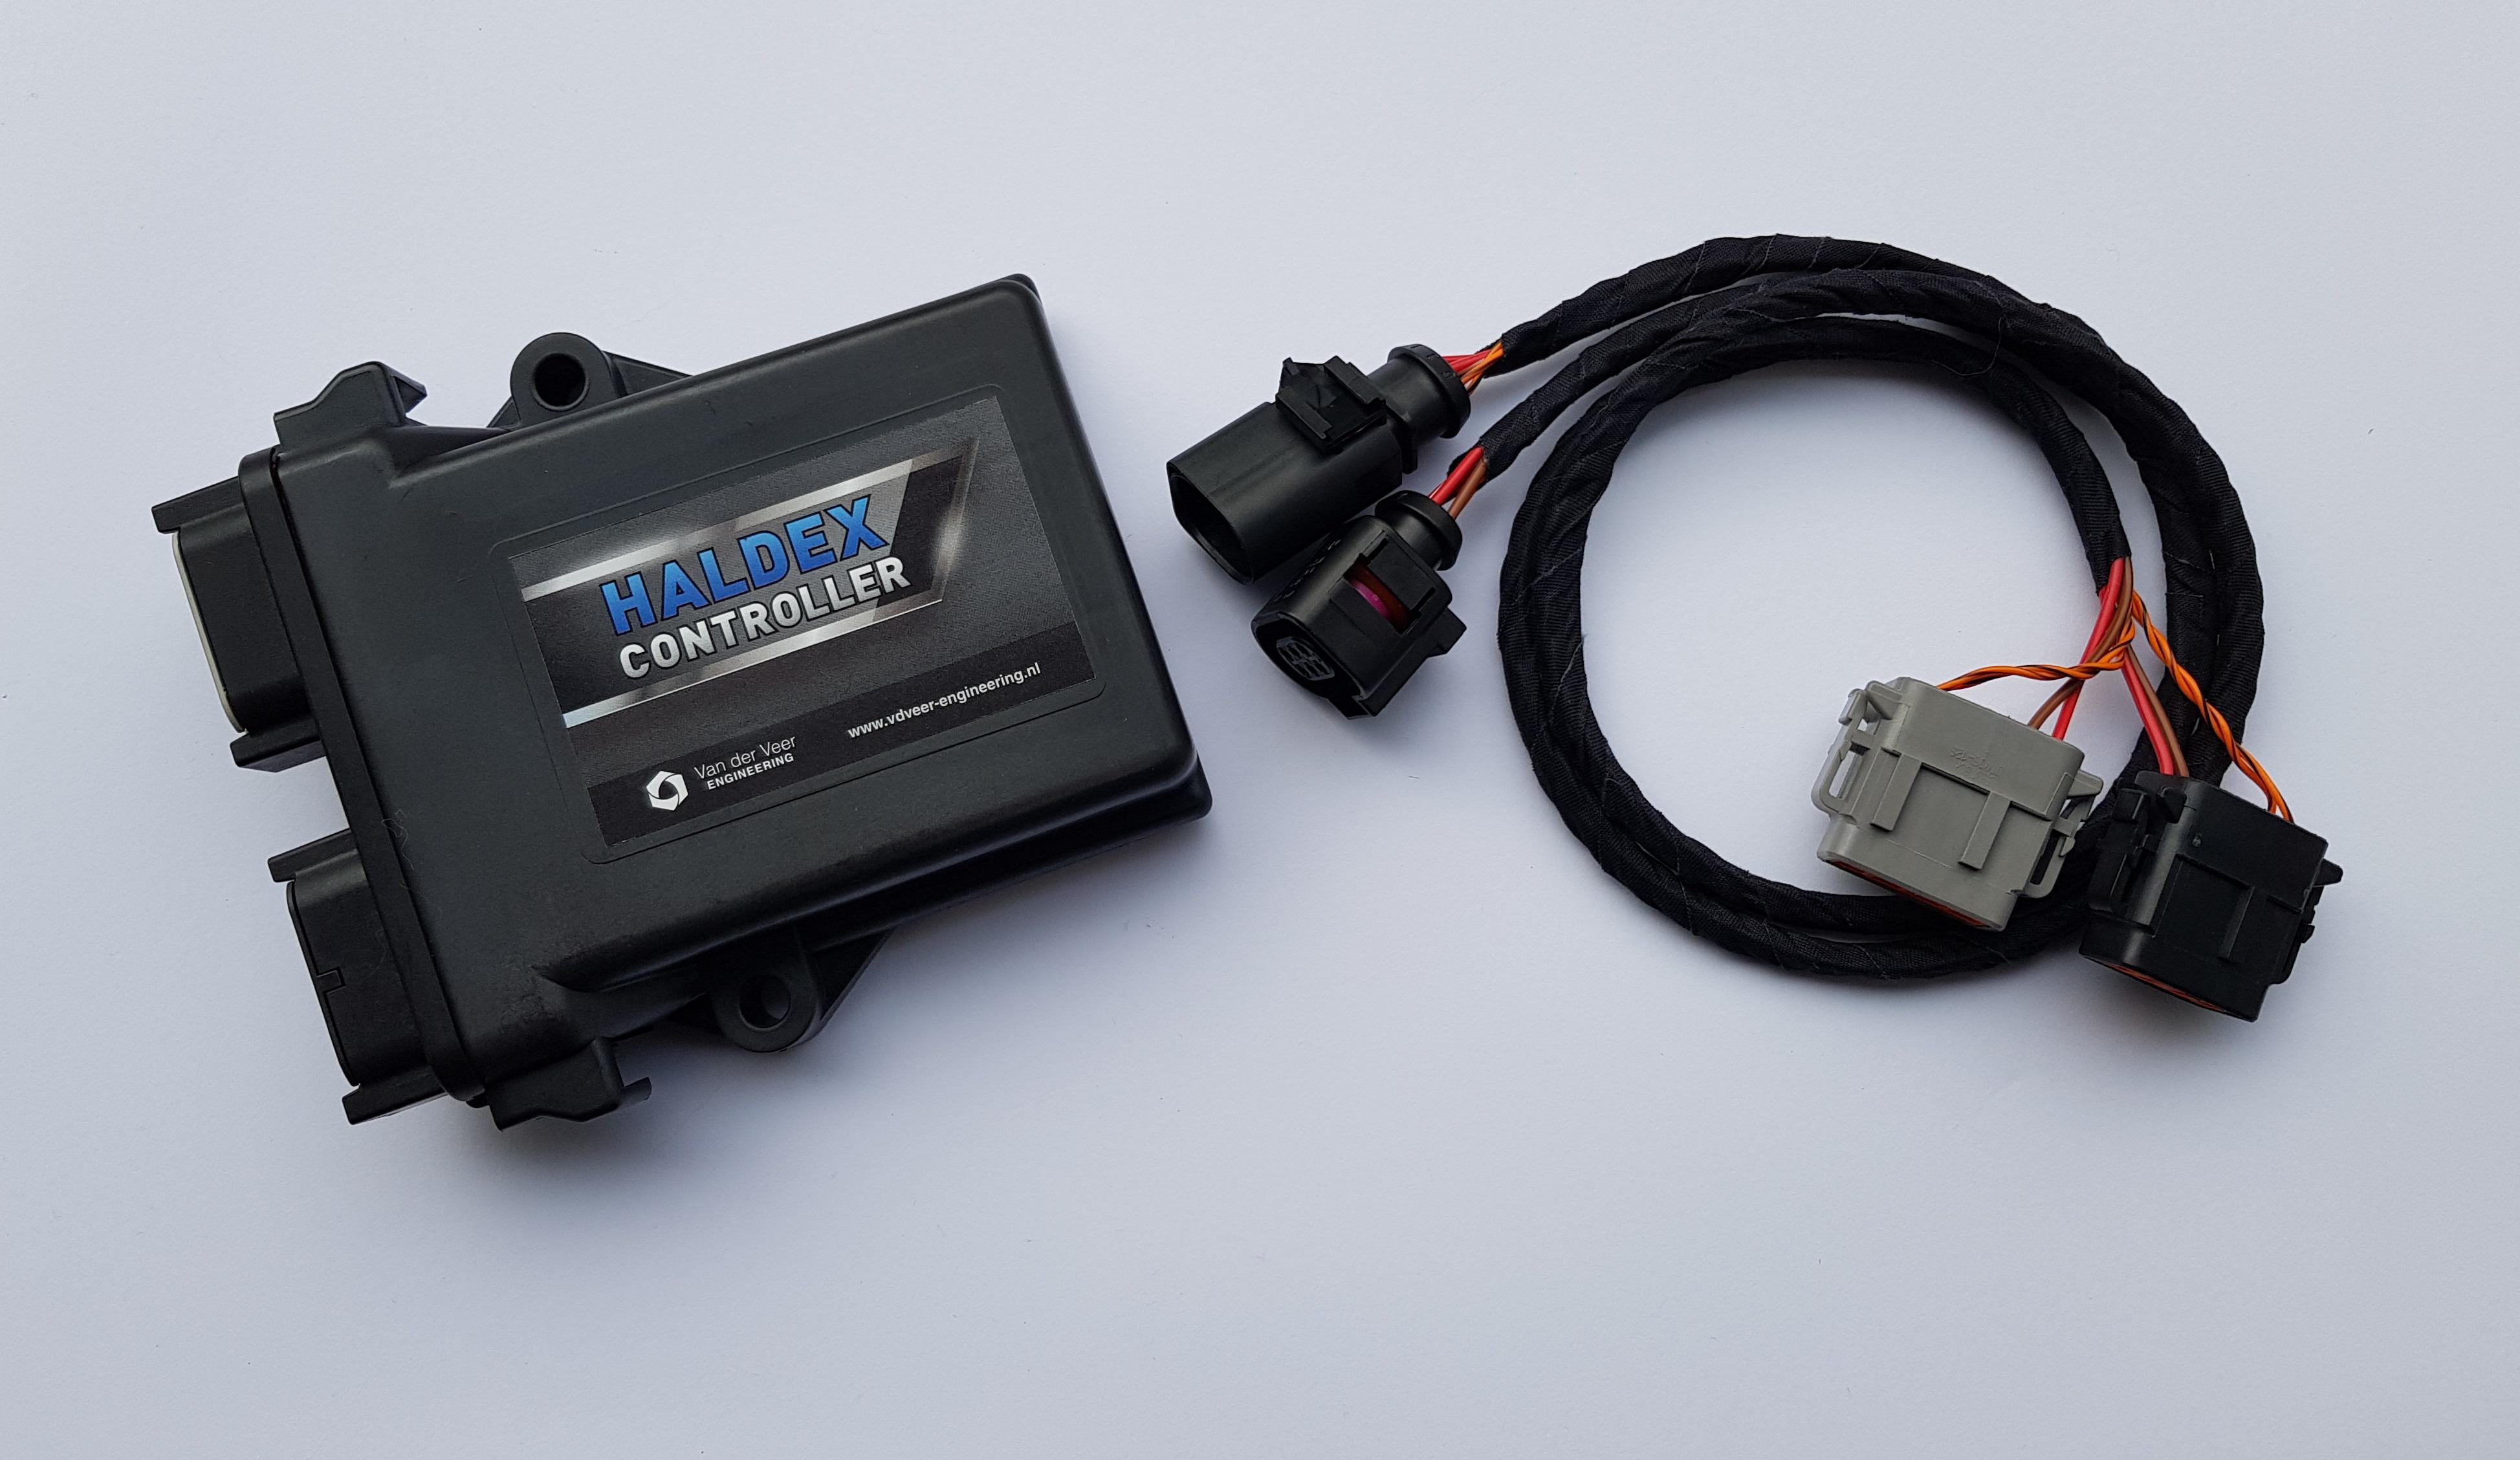 Haldex Controller Gen5 MQB